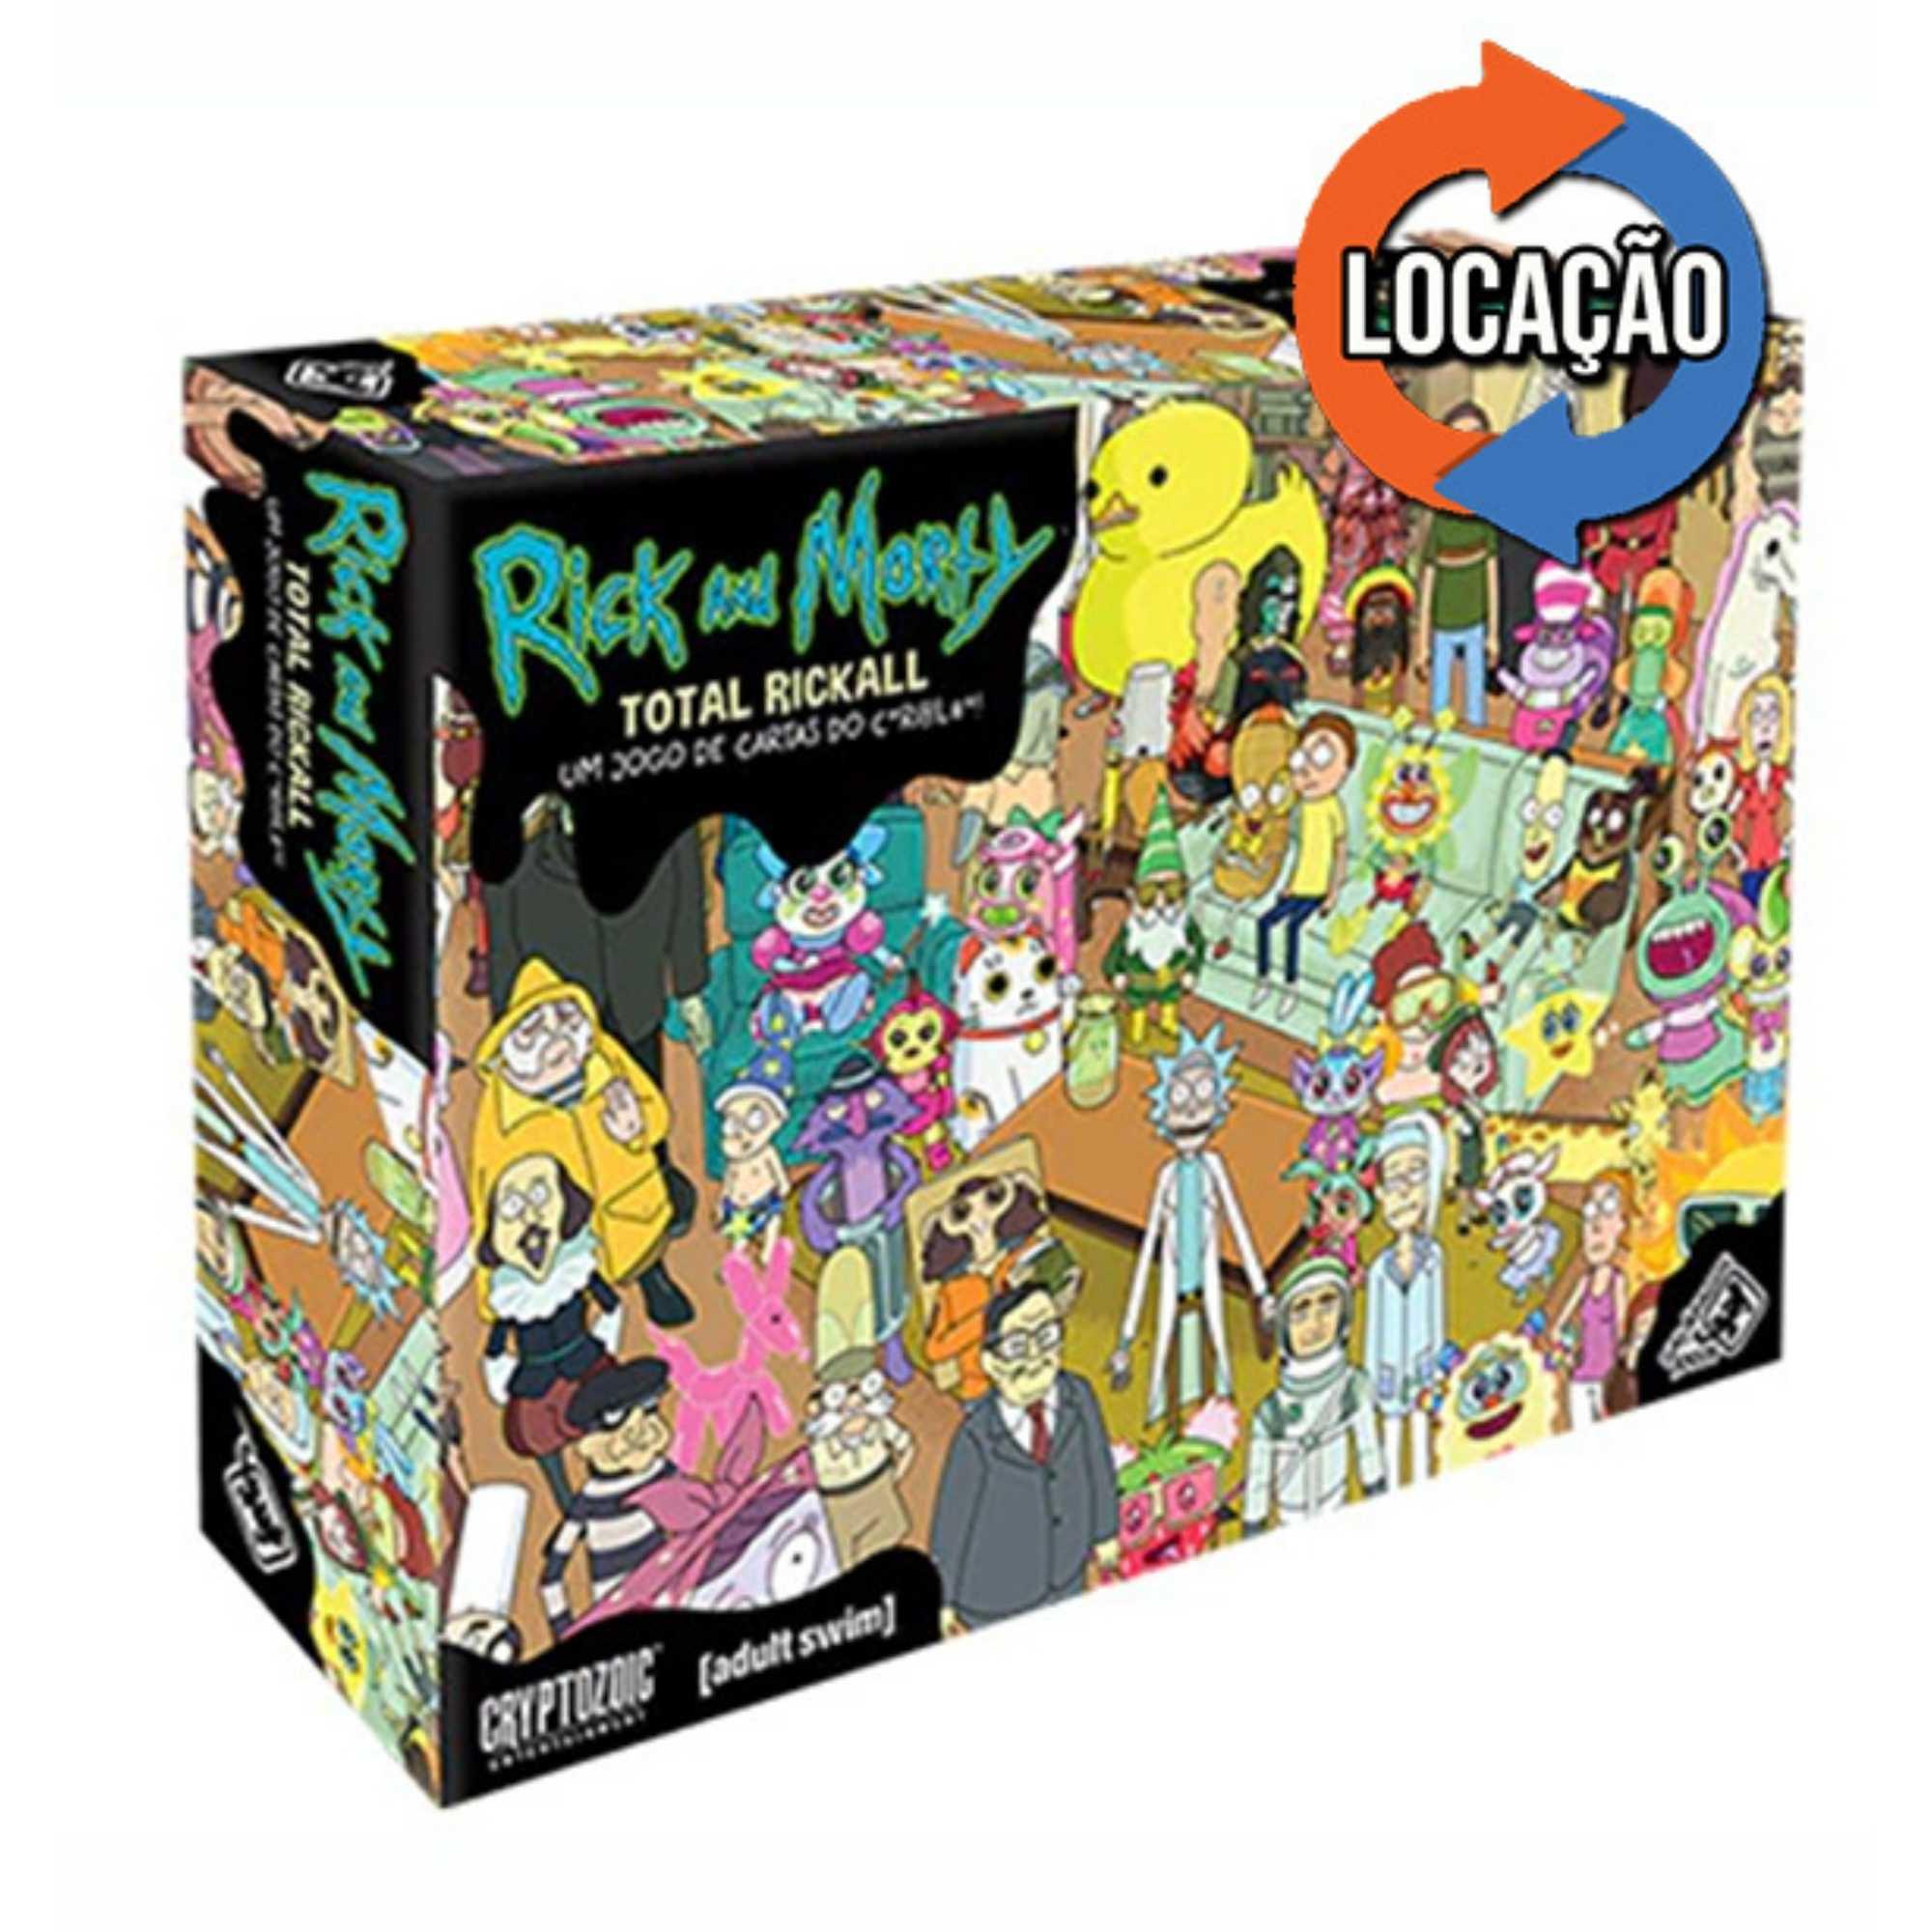 Rick and Morty: Total Rickall (Locação)